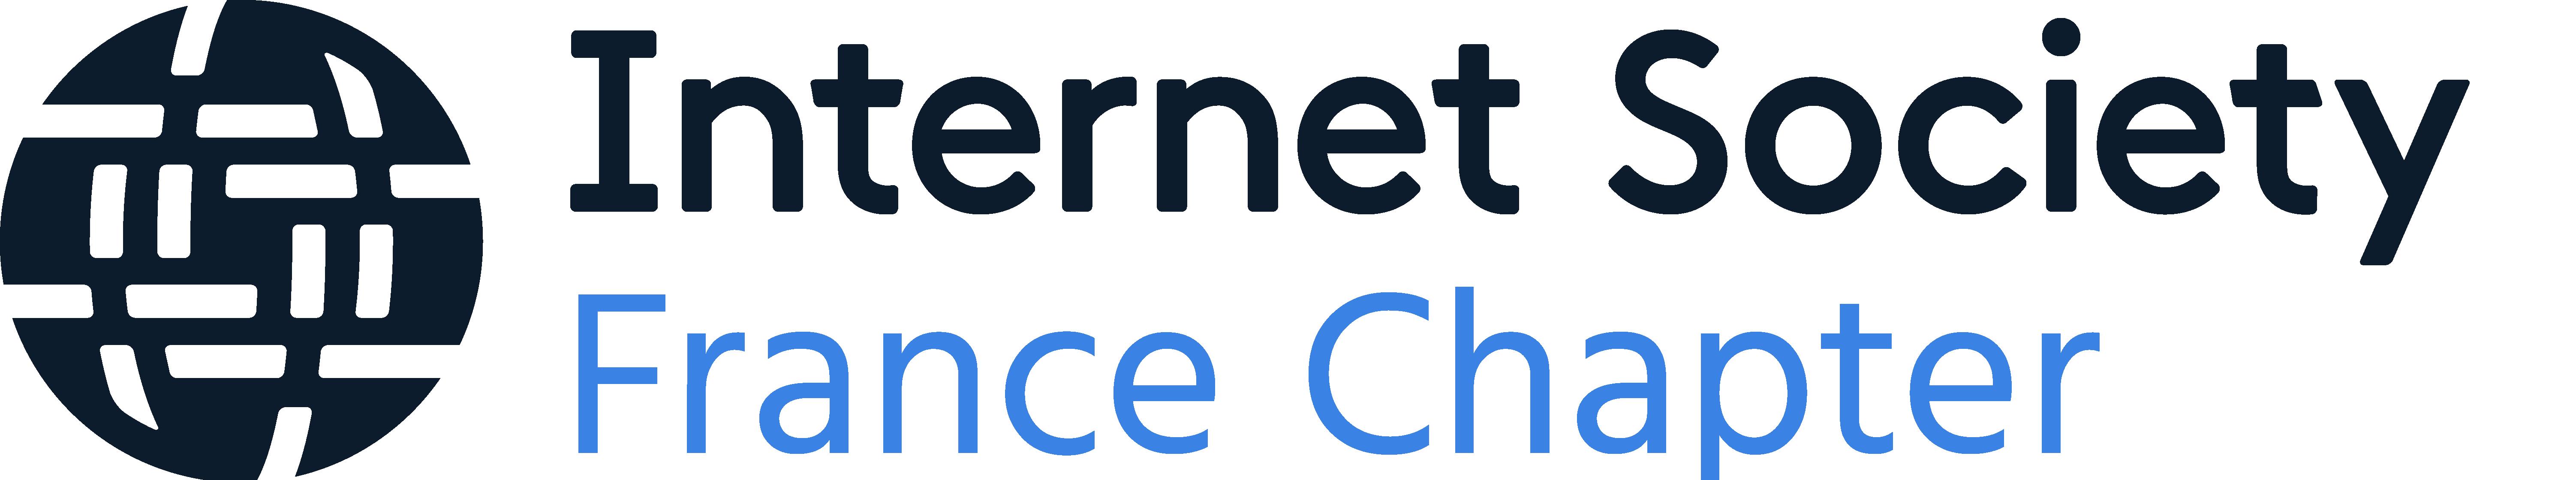 Internet Society France